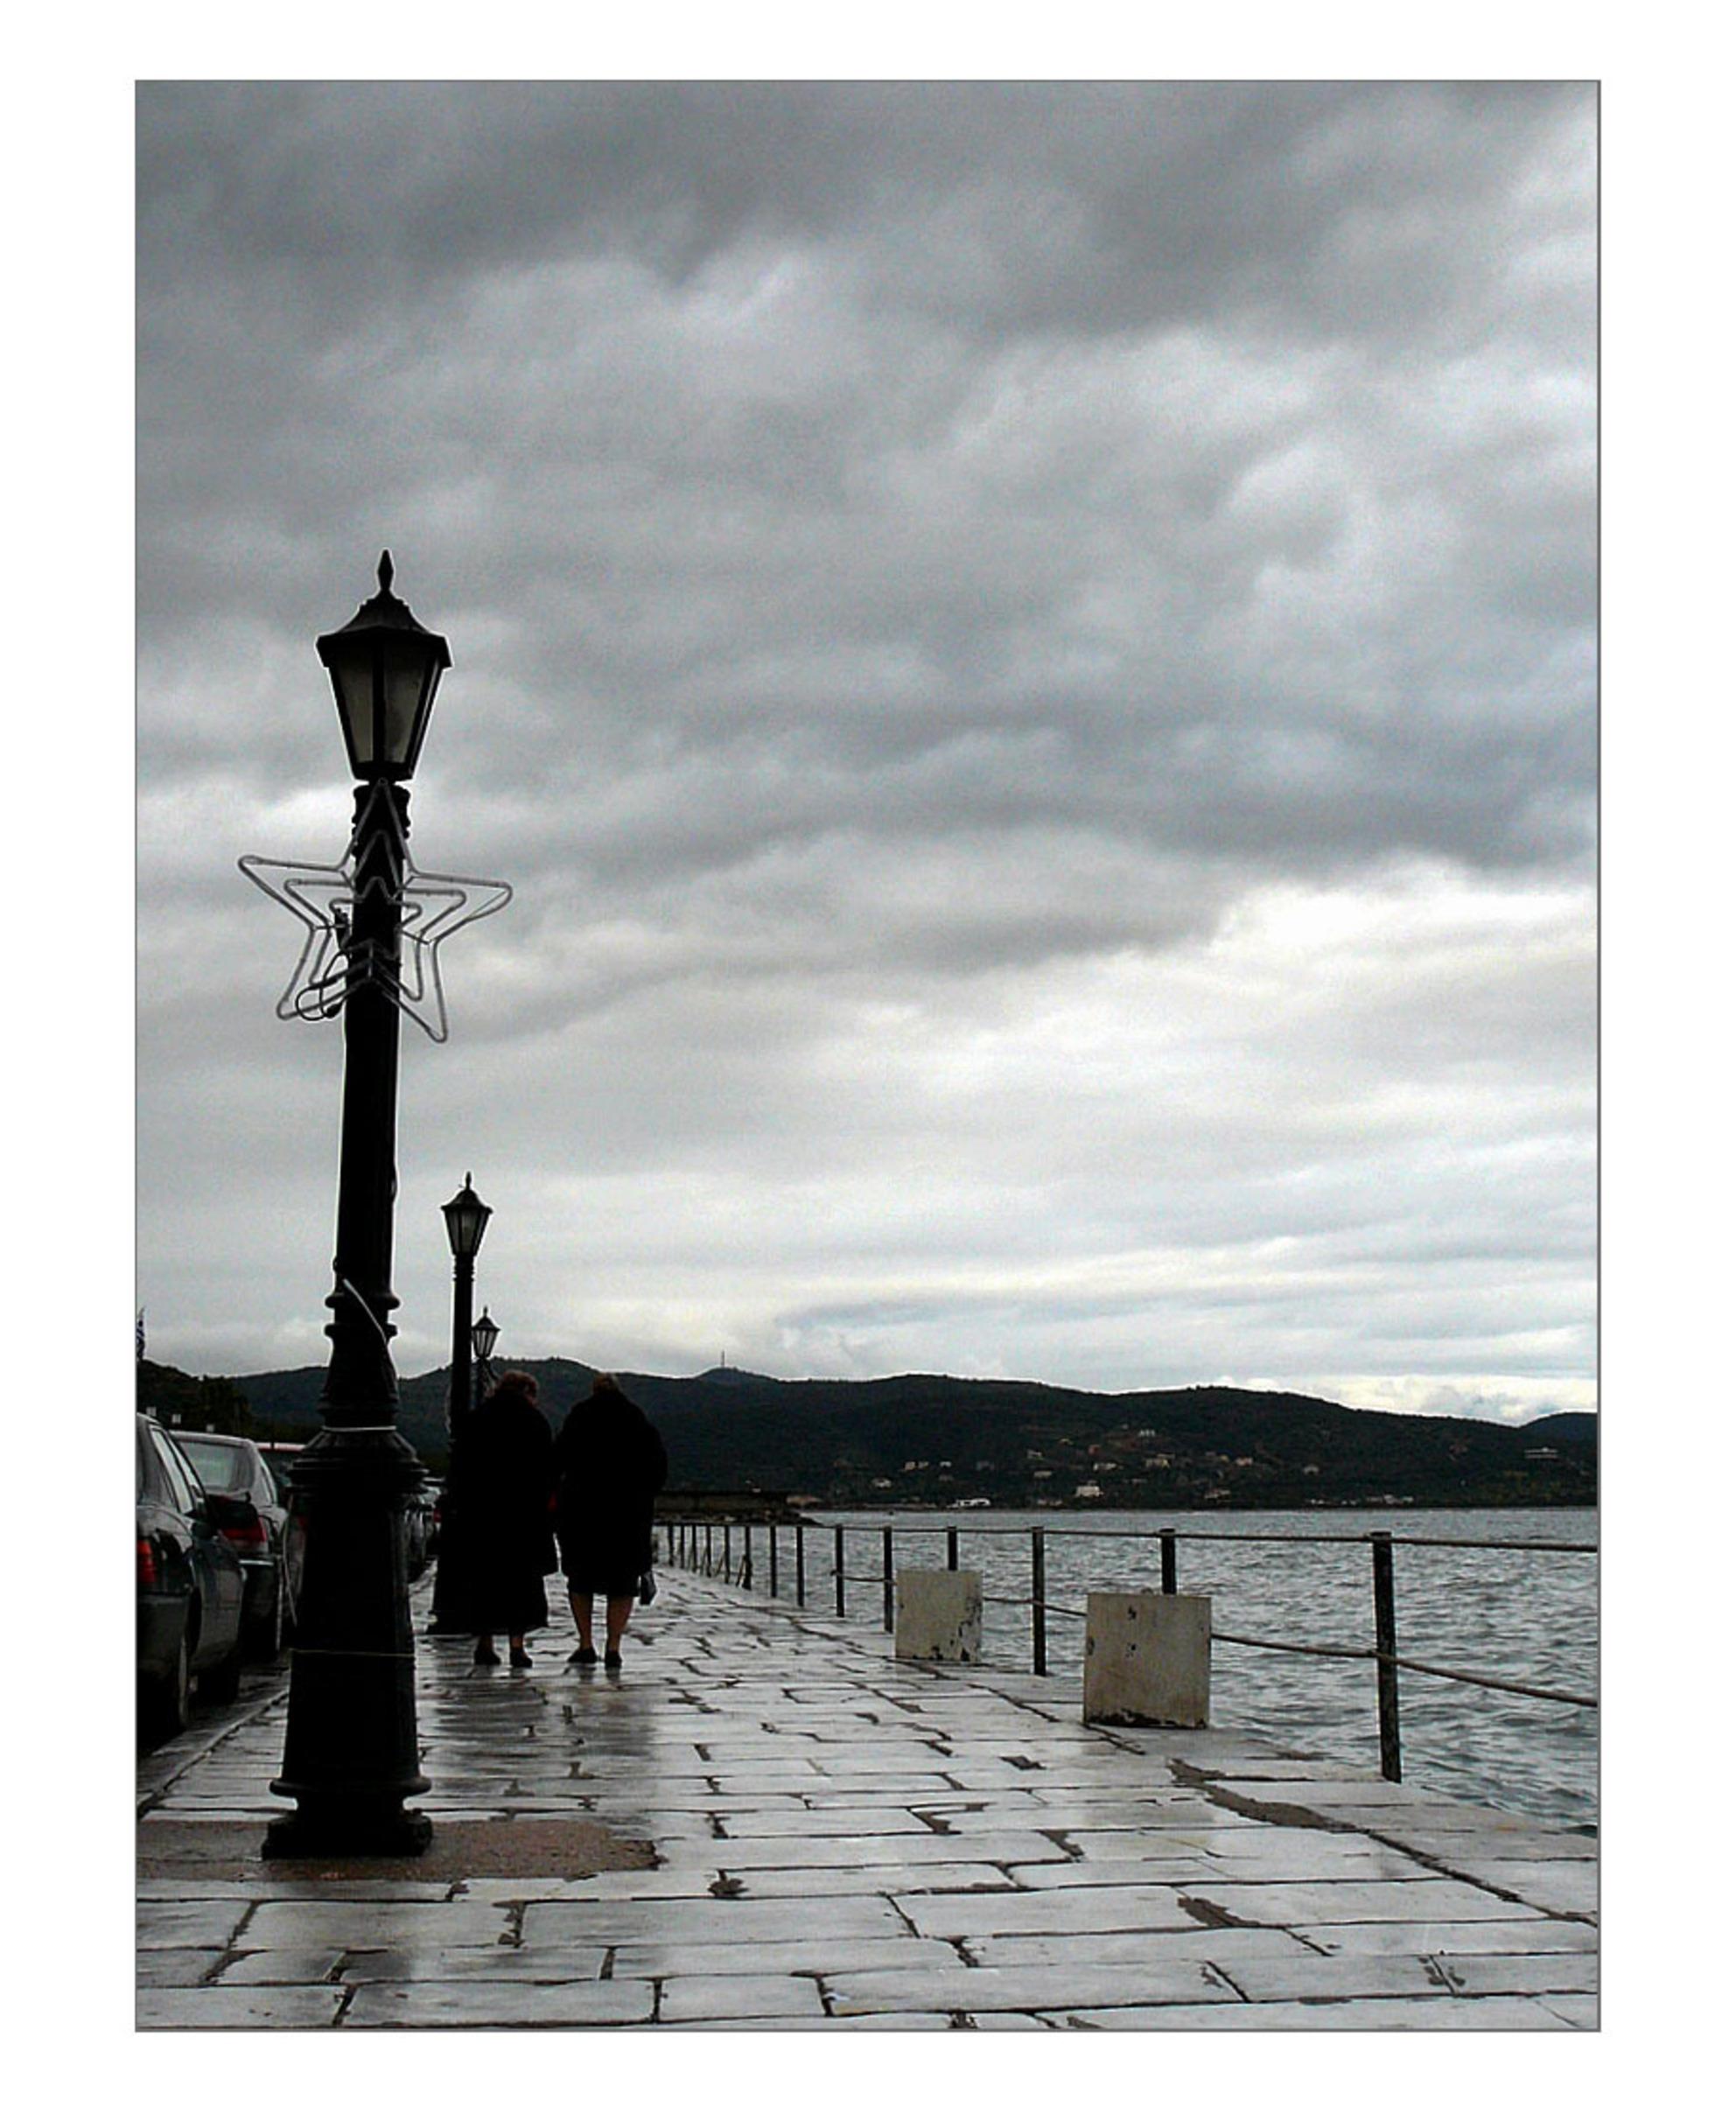 gauw naar huis - Genomen tijdens Epifania, 7 januari in Gythion. - foto door InavanDelden op 09-01-2009 - deze foto bevat: mensen, zee, regen, kade, griekenland, gythion, peloponnesos